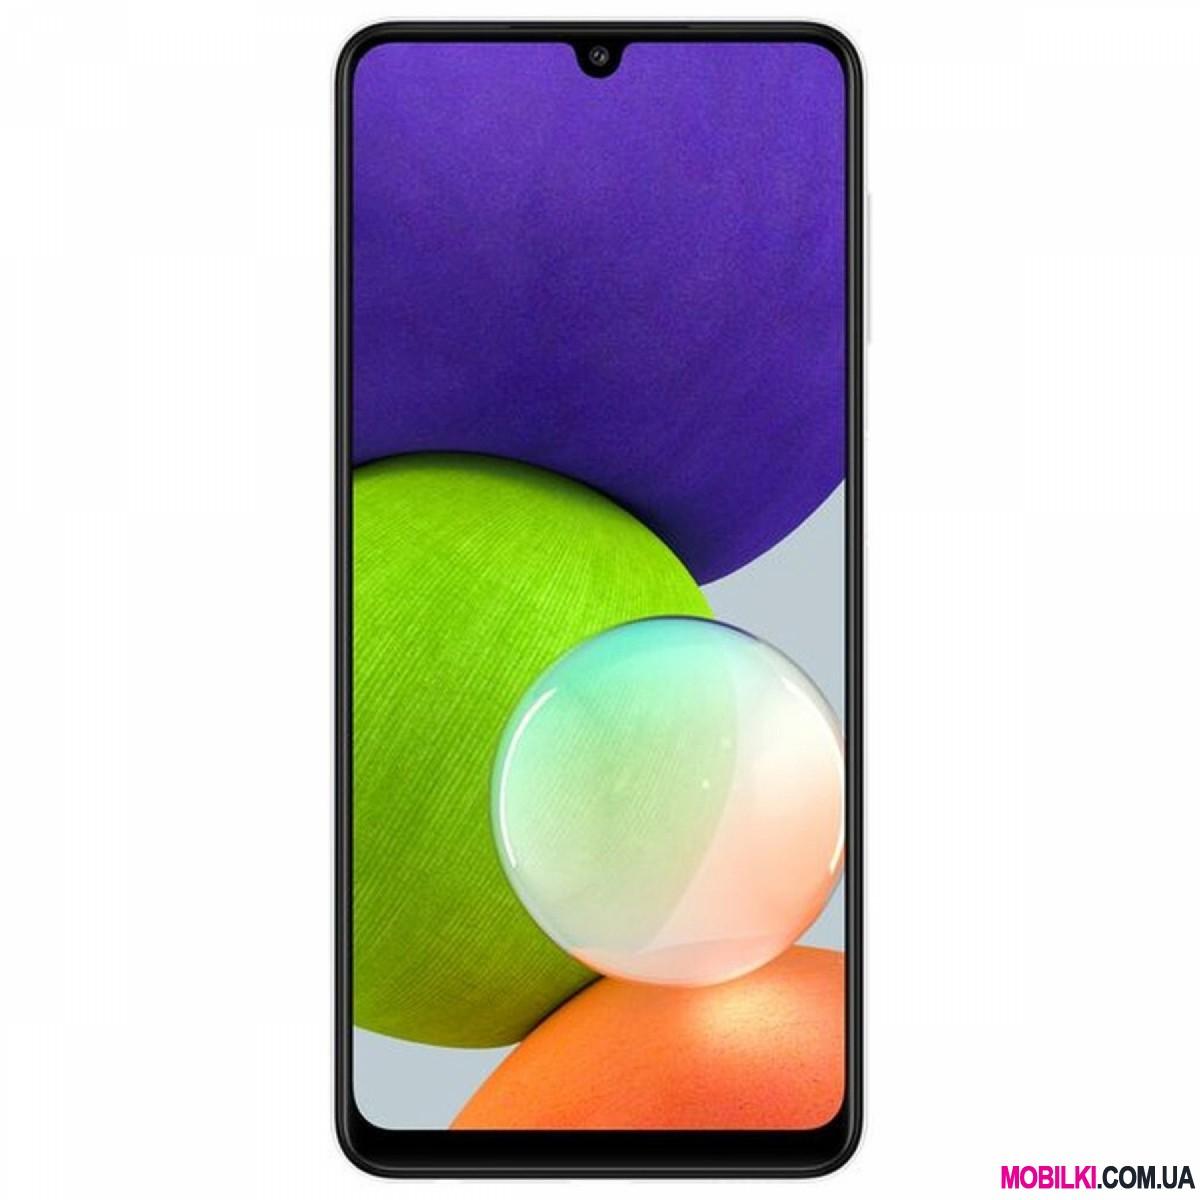 Samsung Galaxy A22 128Gb